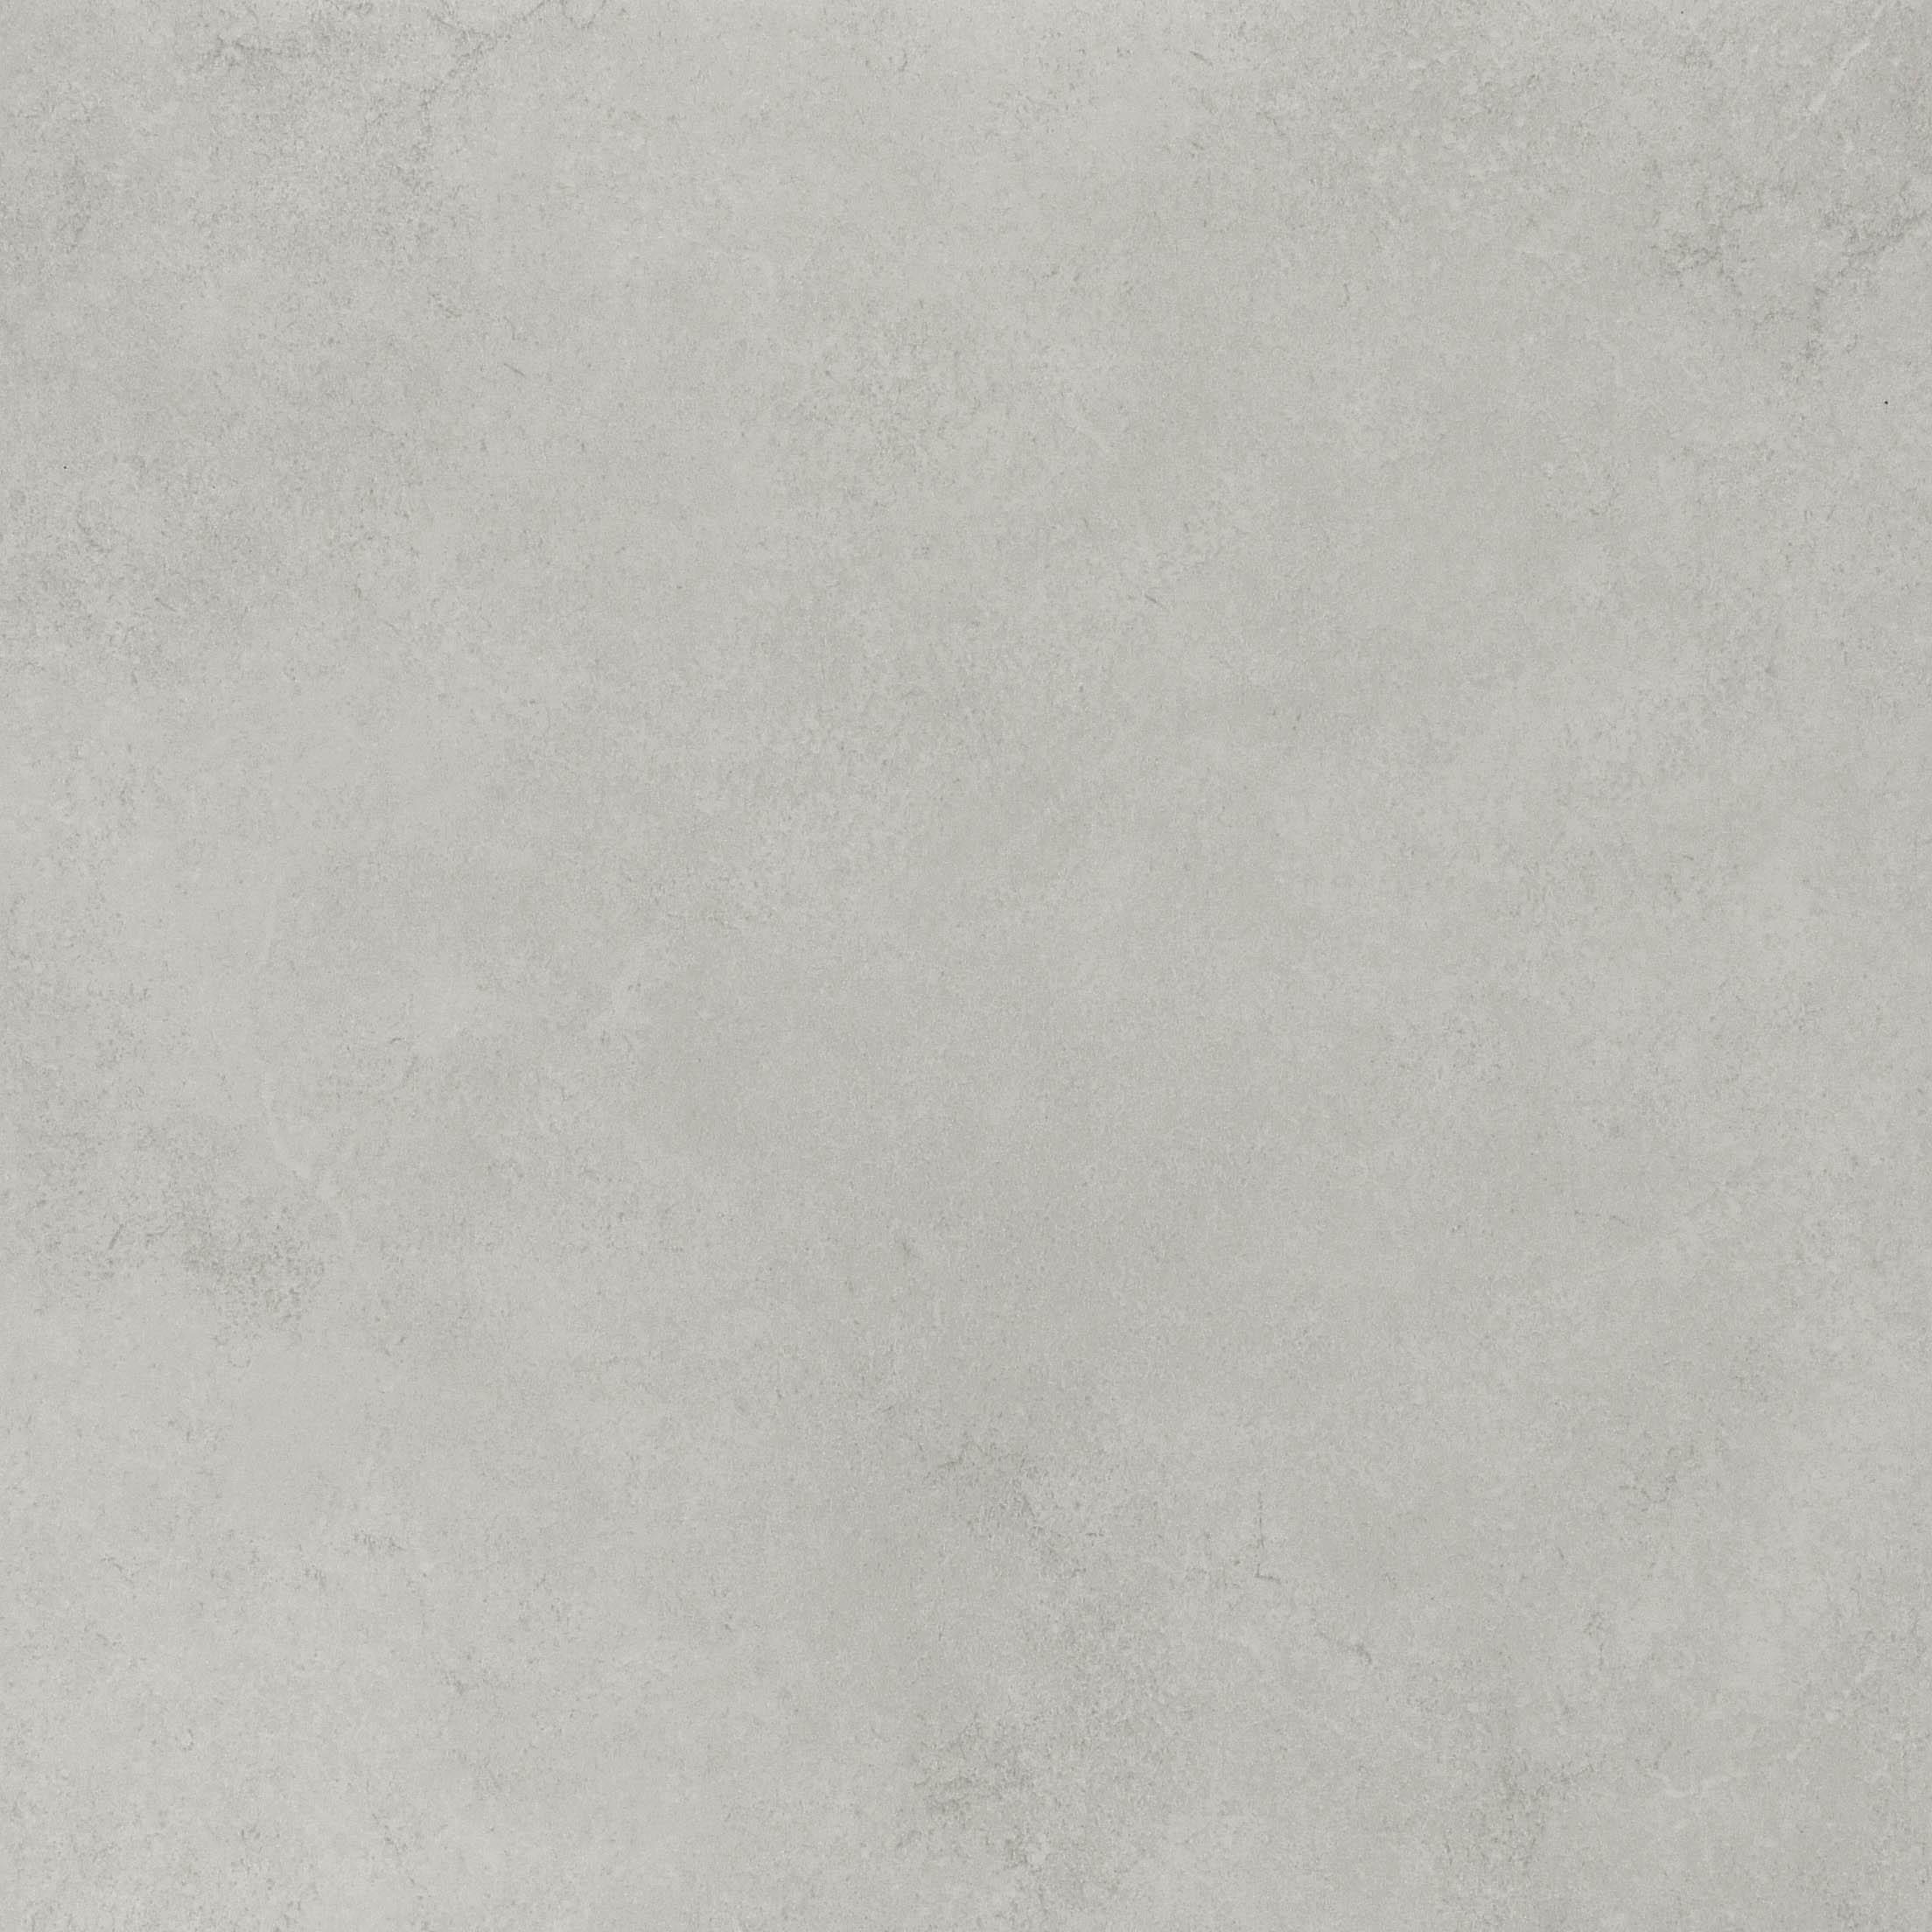 Fliesen Kemmler Bodenfliese Venice In Der Farbe Grau Und Im - Terracotta fliesen 33x33